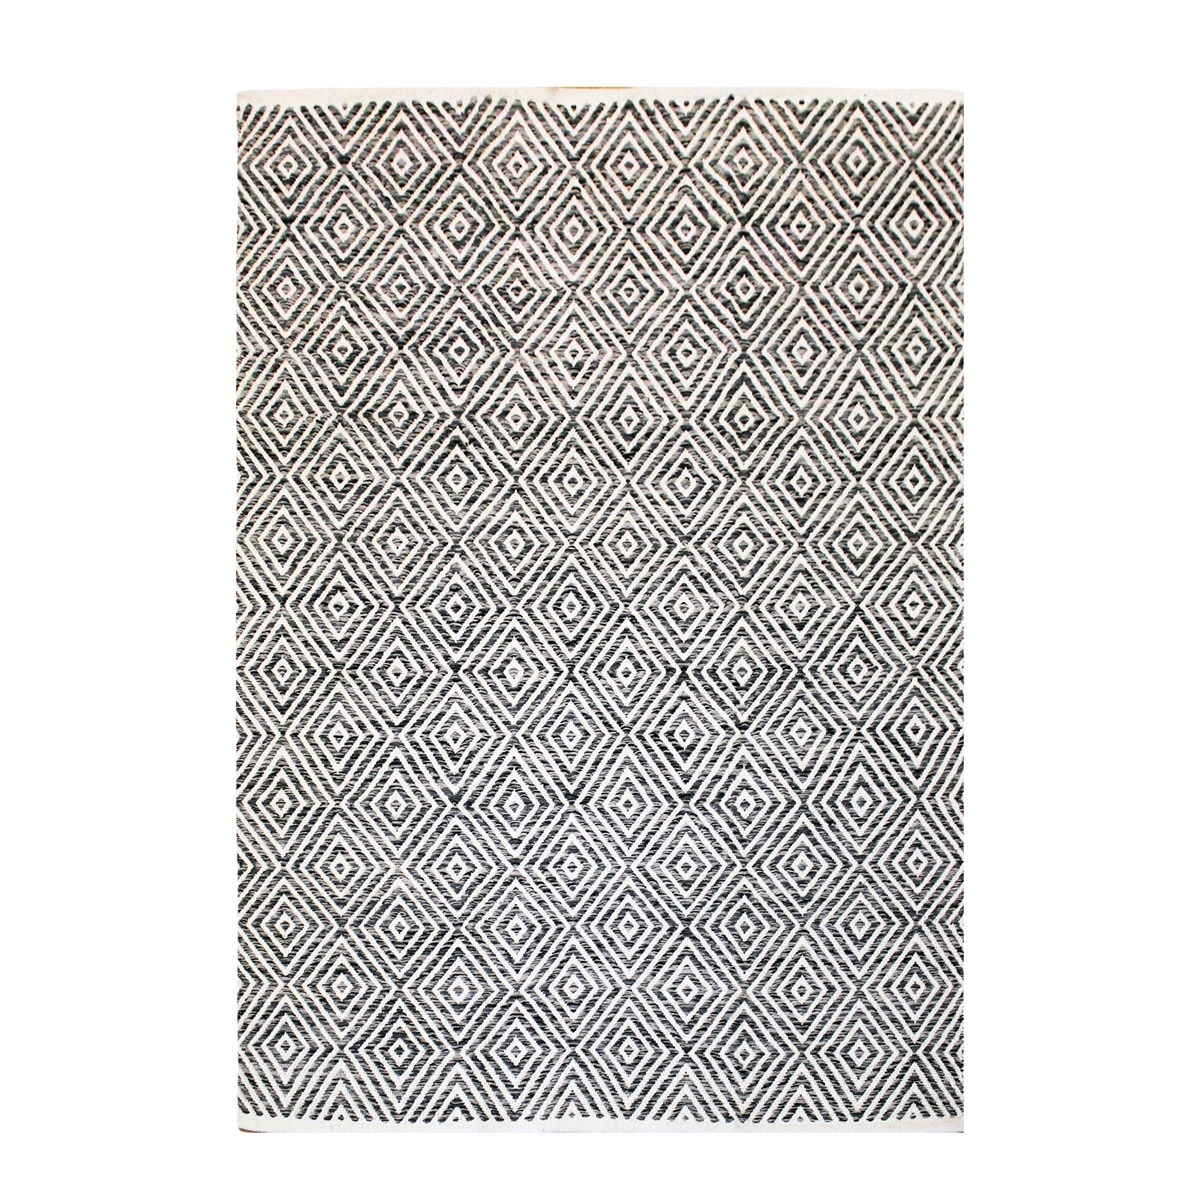 Tapis design en Coton Gris anthracite 80x150 cm